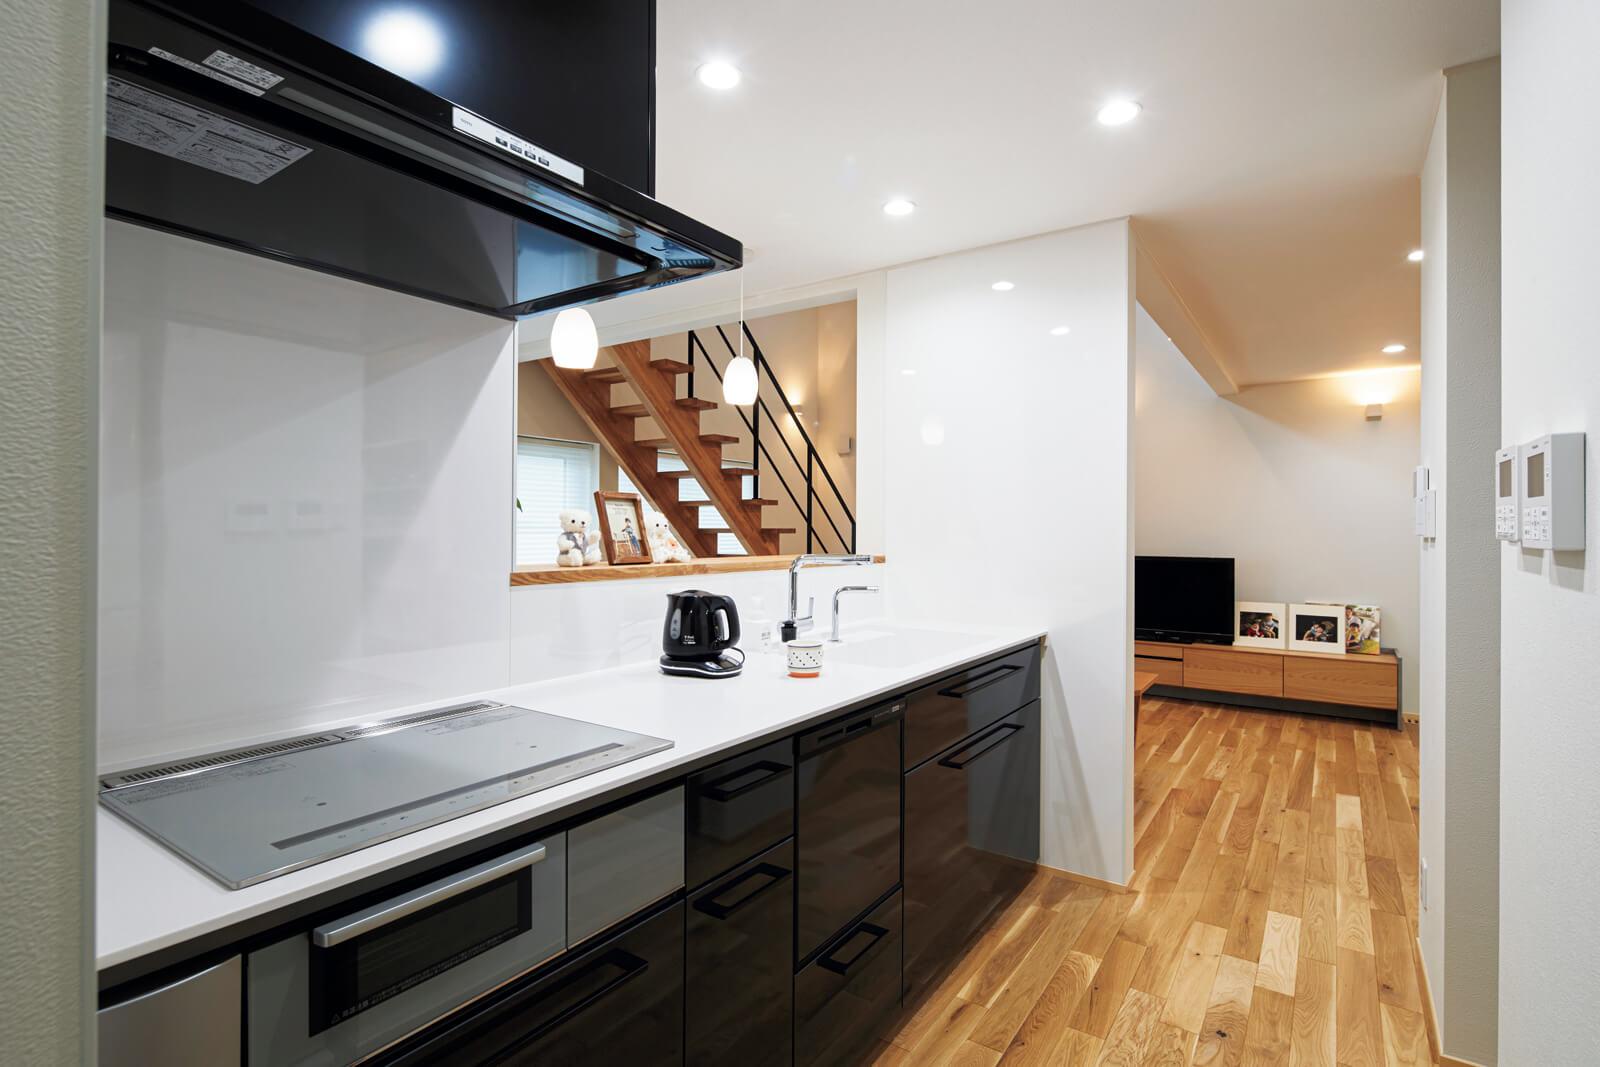 キッチンは玄関ホールとつながっていて、リビングを通らずともアクセスできるので便利